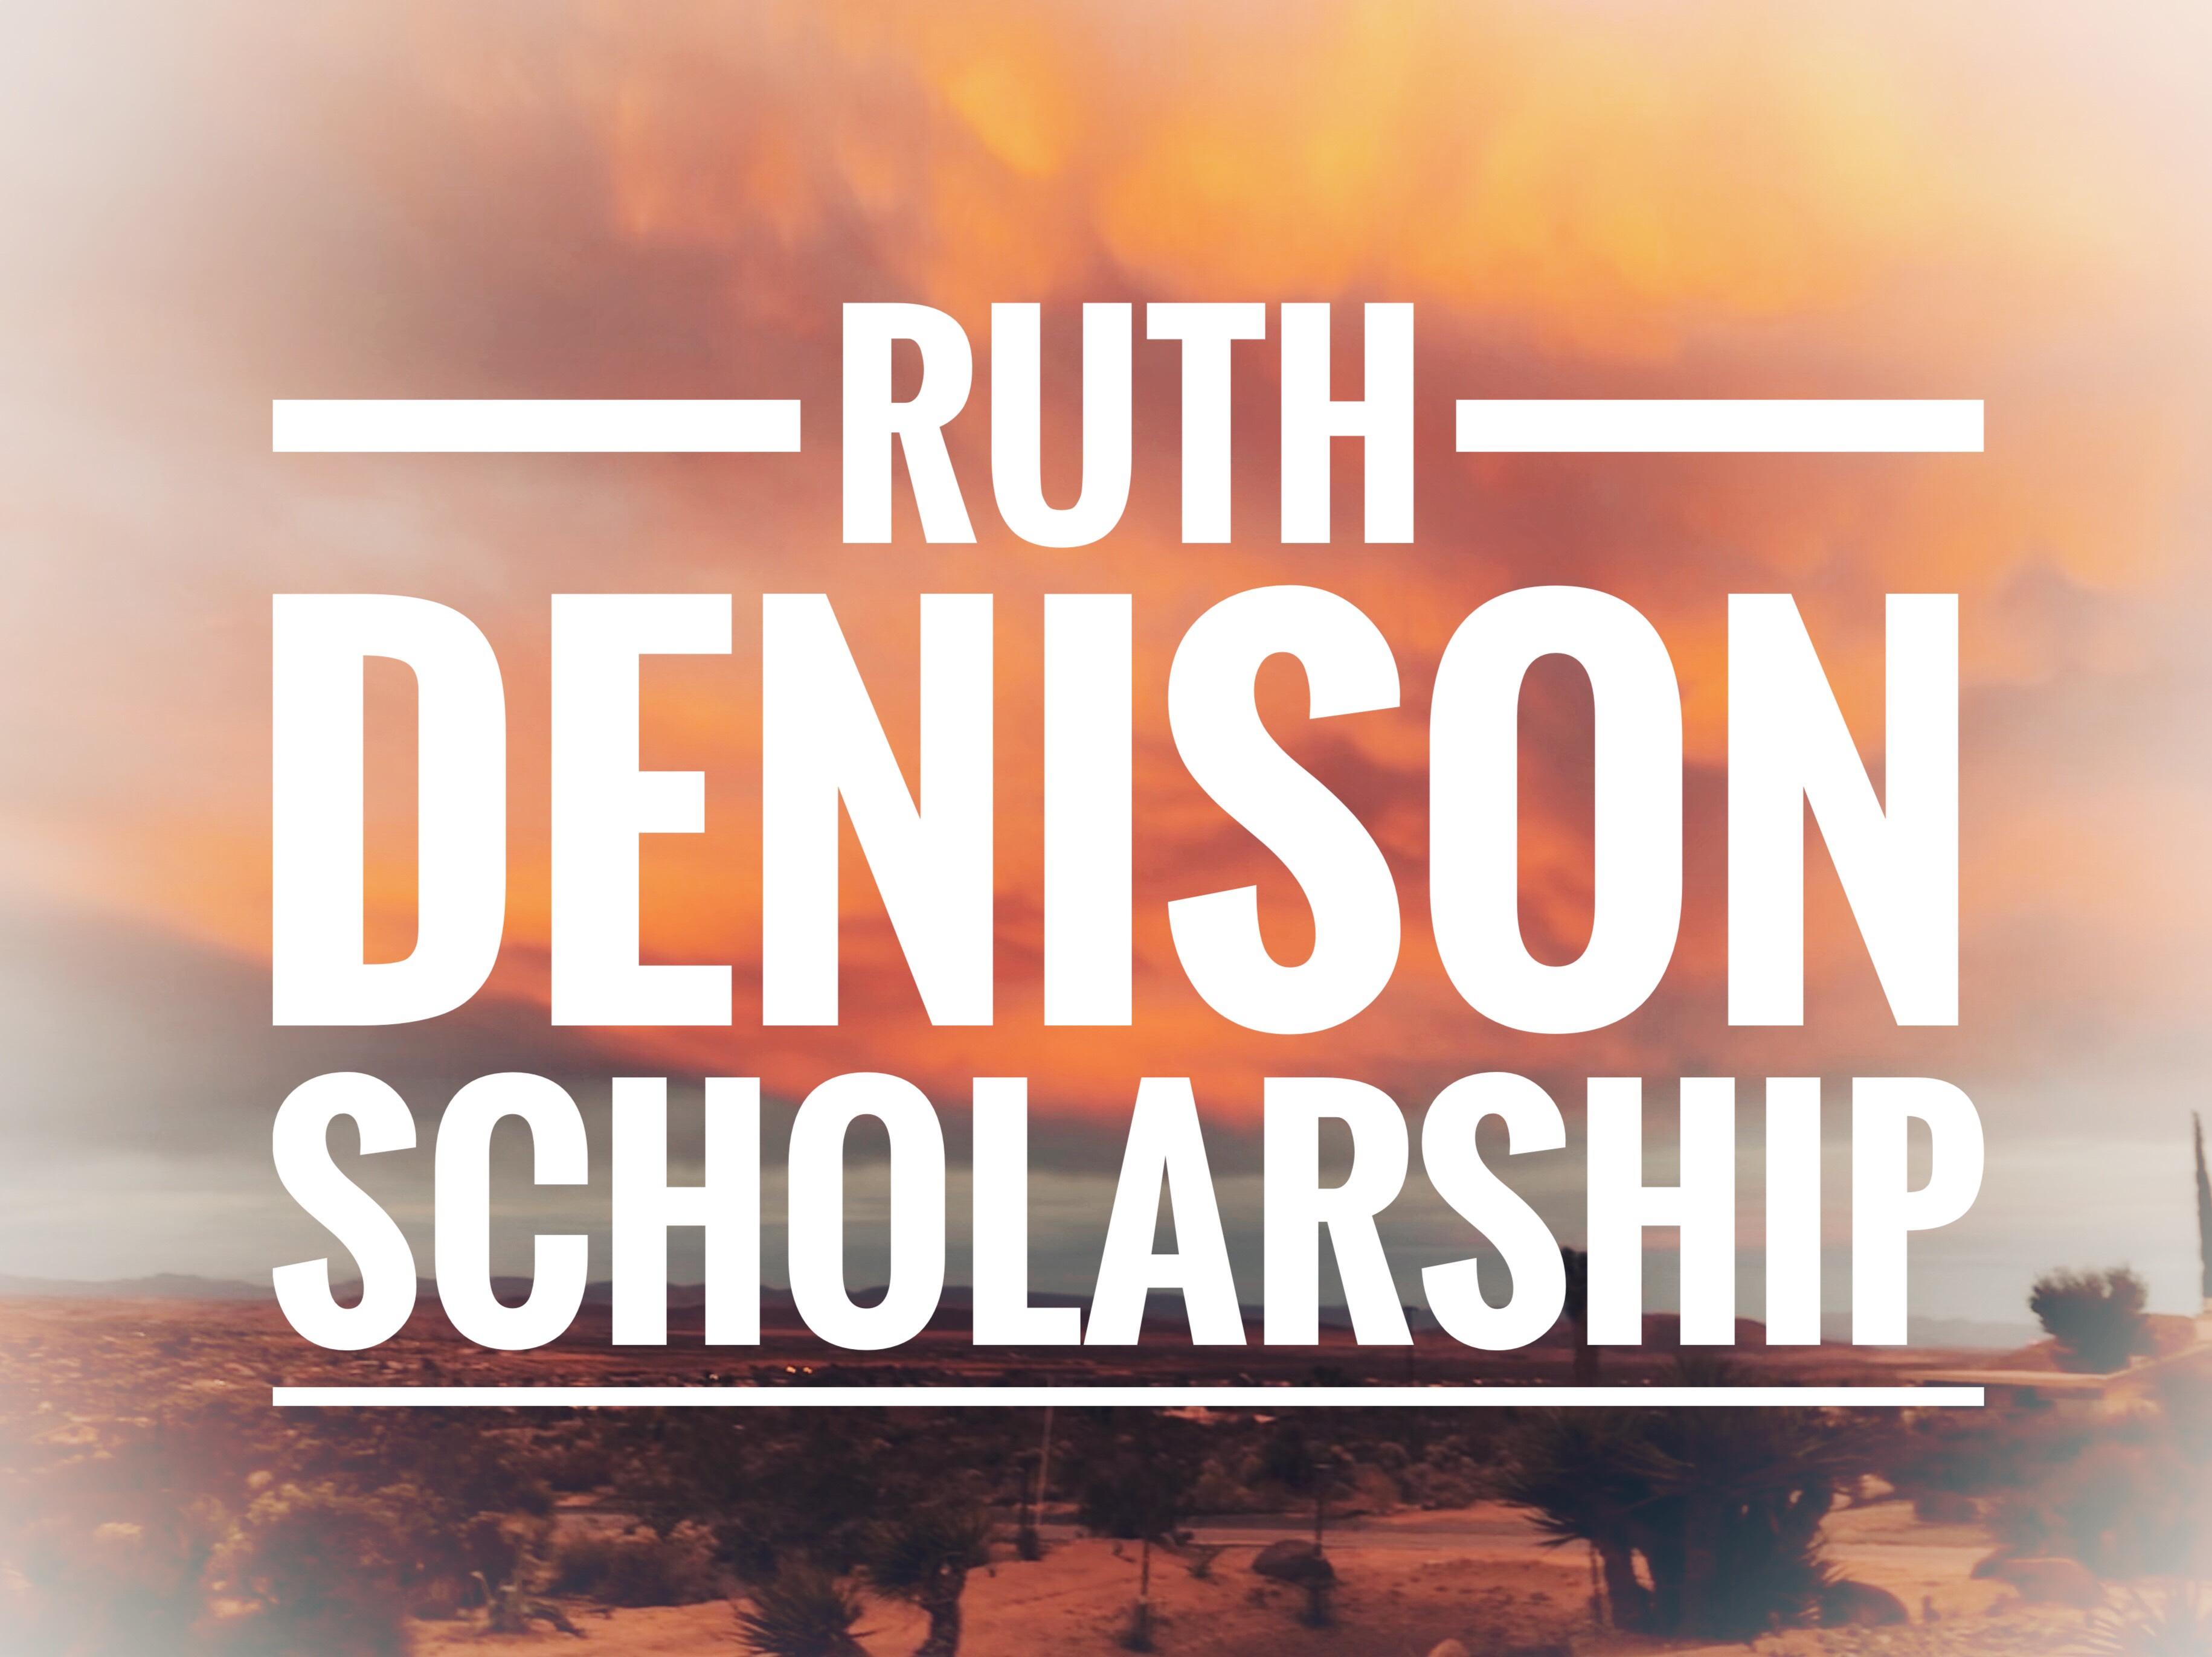 Denison_scholarship.jpg